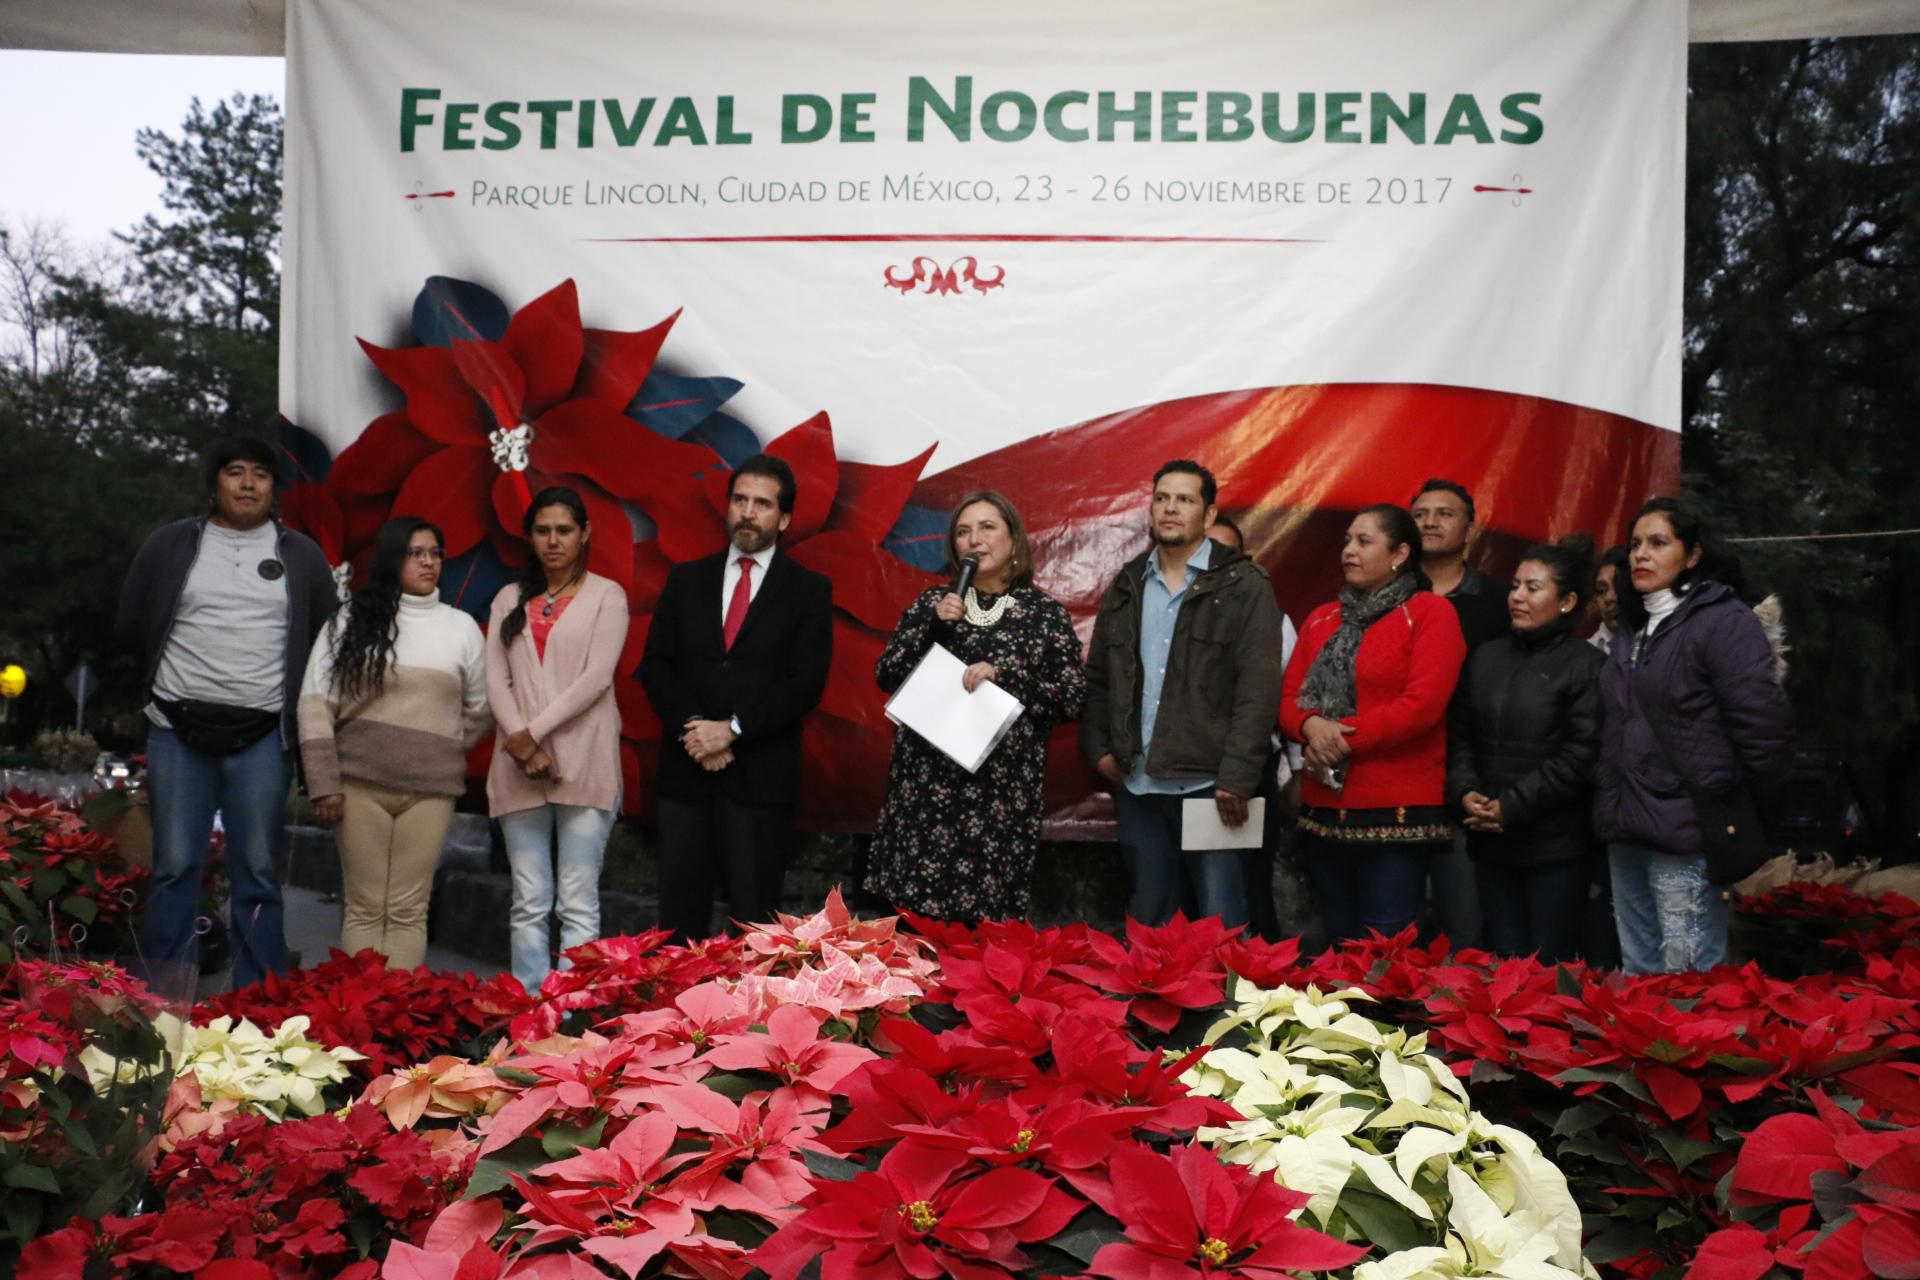 INICIA FESTIVAL DE NOCHEBUENAS EN PARQUE LINCOLN